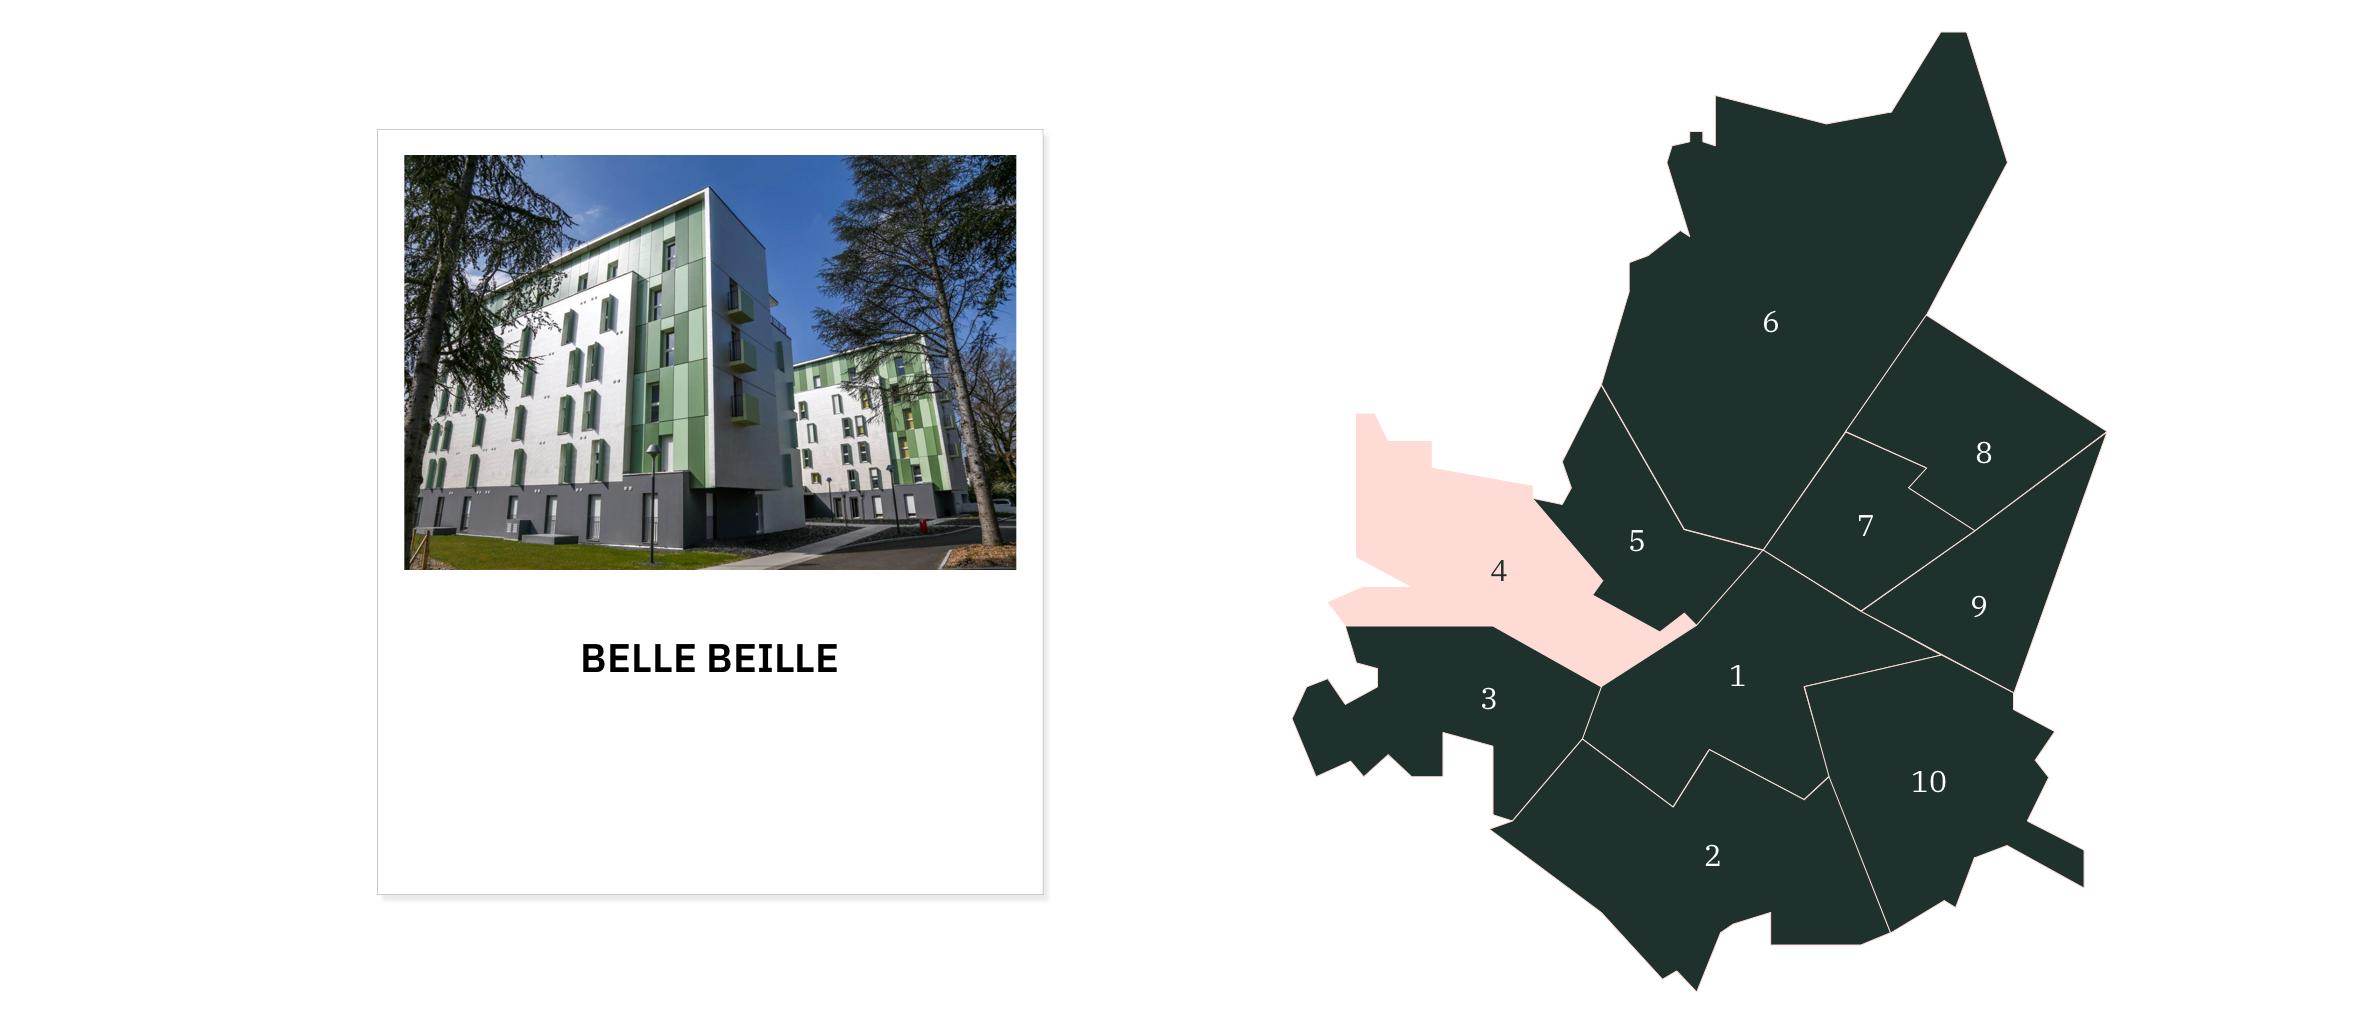 Belle Beille⎜Carte des quartiers d'Angers